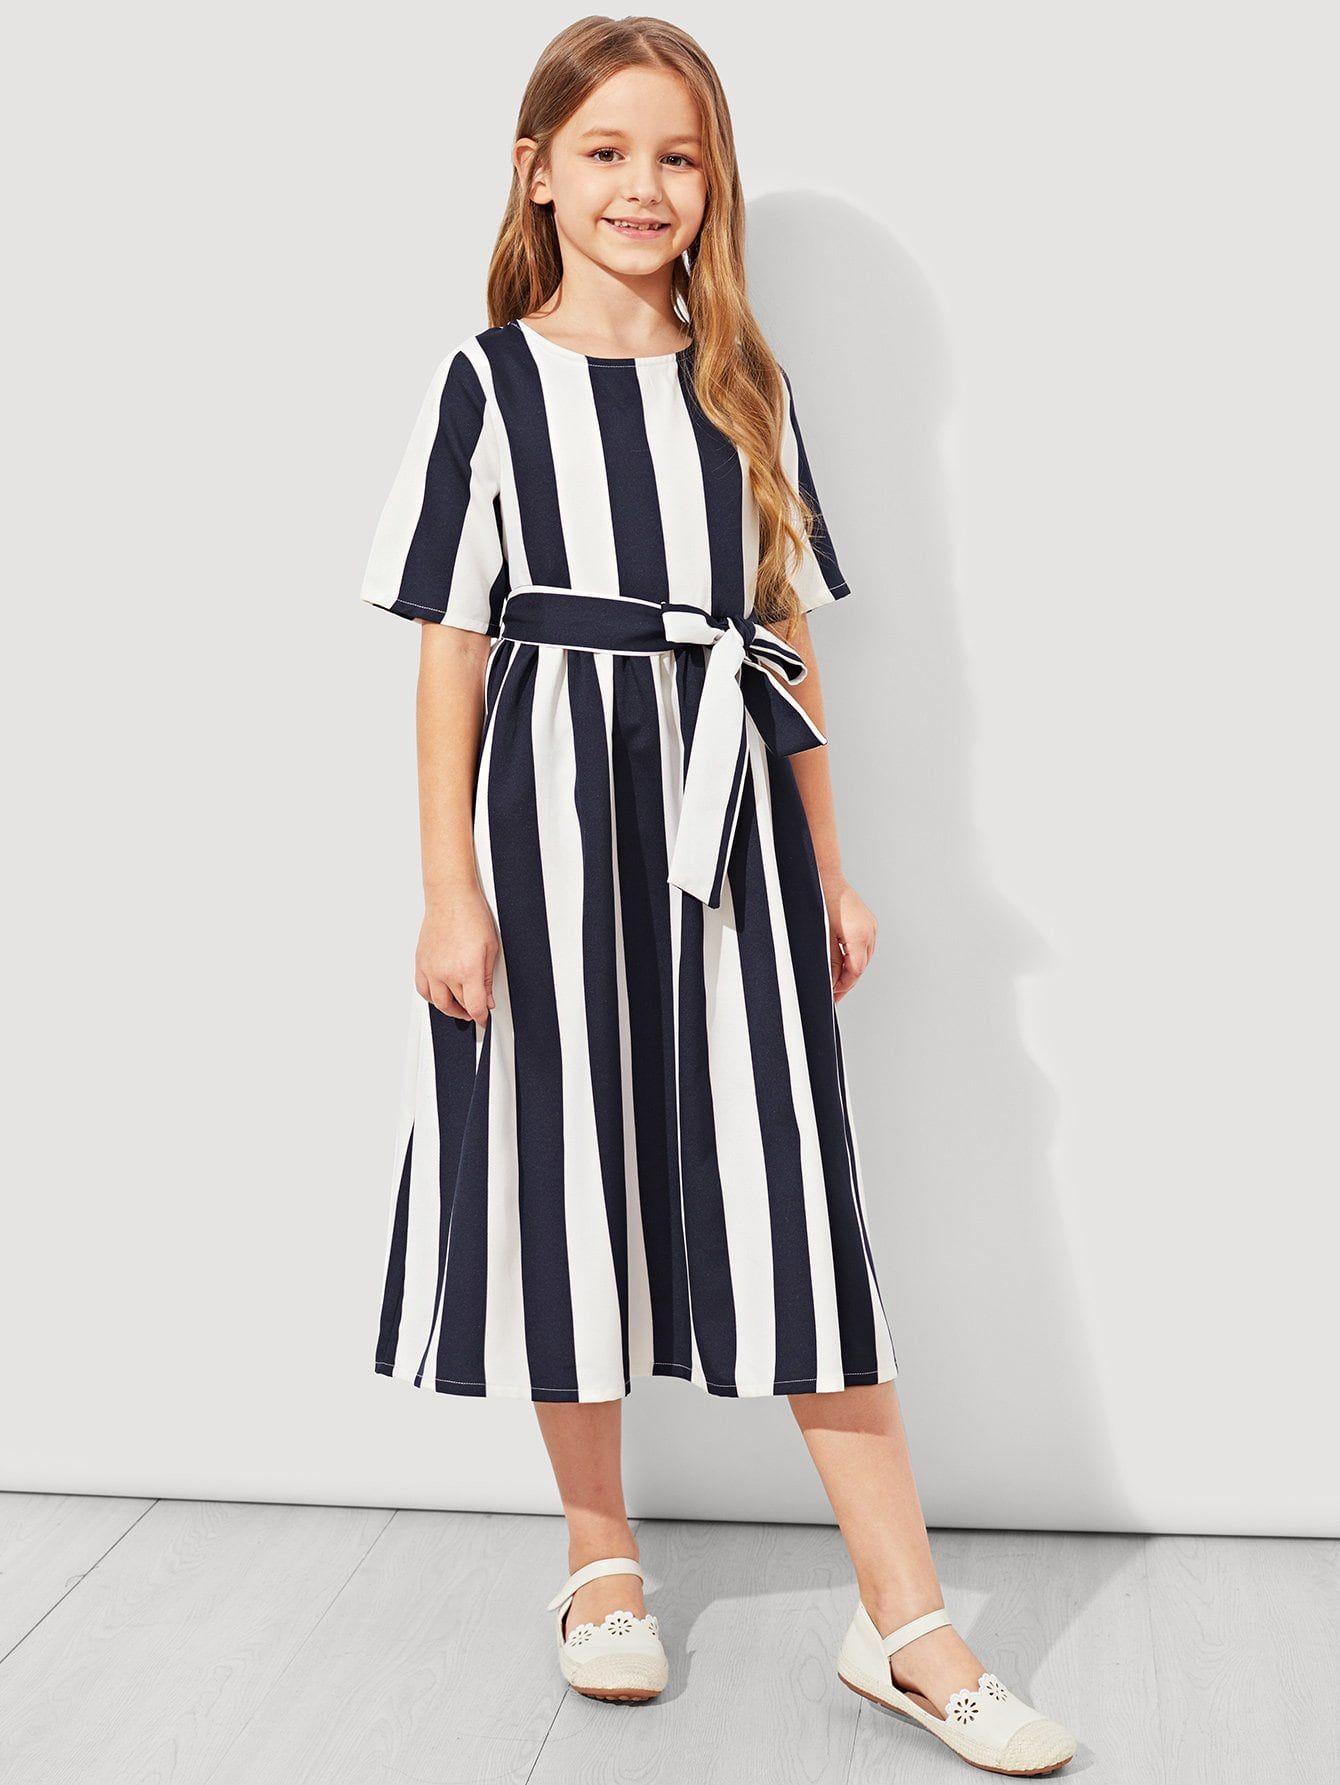 Girls Tie Waist Striped Dress Tie Girls Waist Kids Dress Striped Casual Dresses Casual Dresses [ 1785 x 1340 Pixel ]